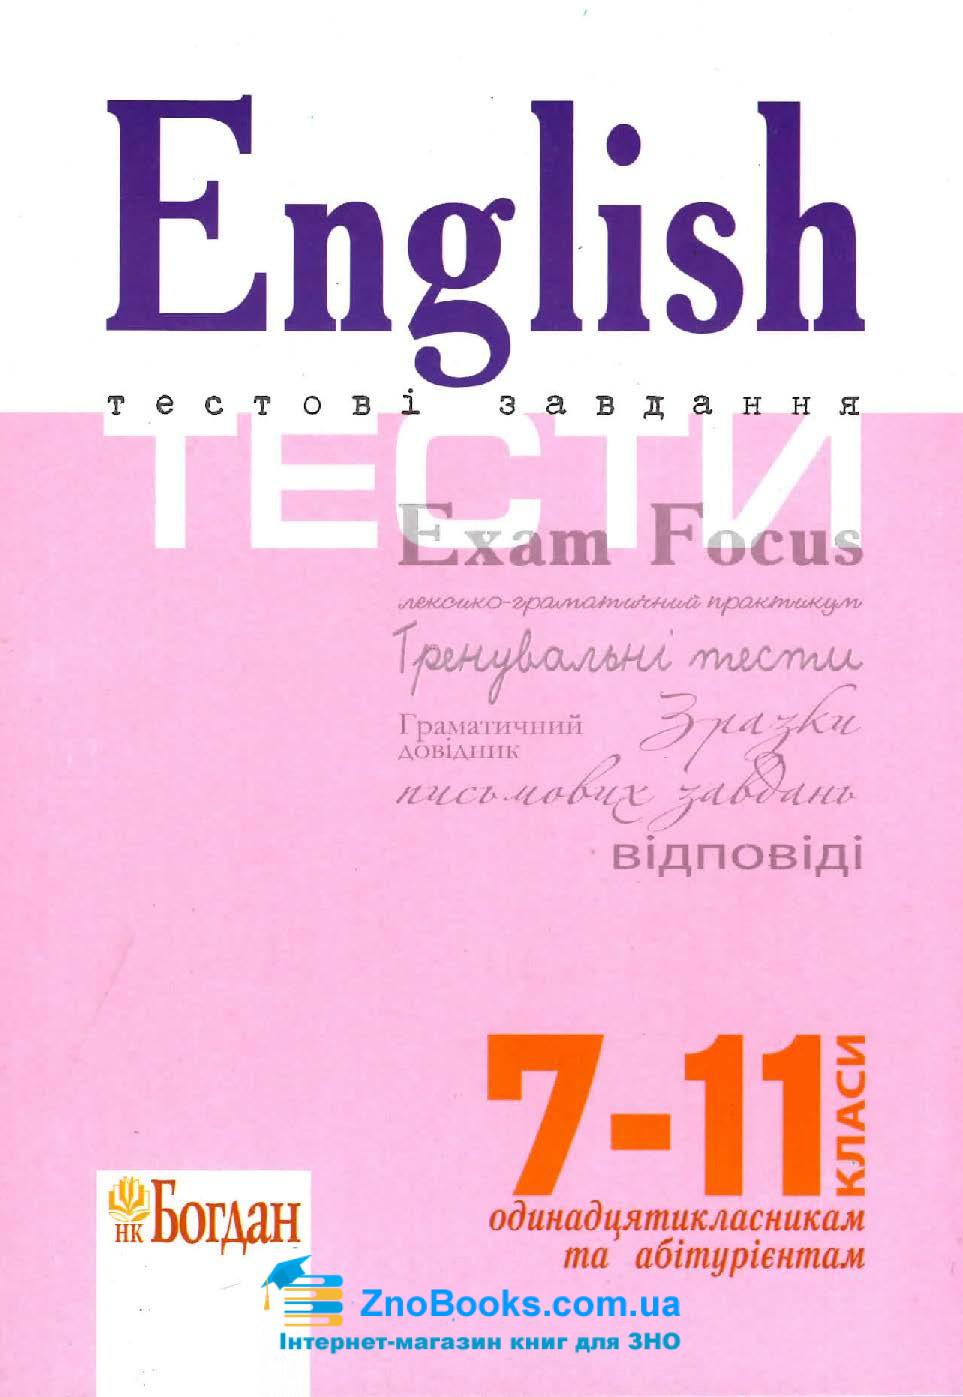 Збірник тестів ЗНО 2020 English Exam Focus. Tests. Доценко І., Євчук О. Навчальна книга - Богдан. купити 0